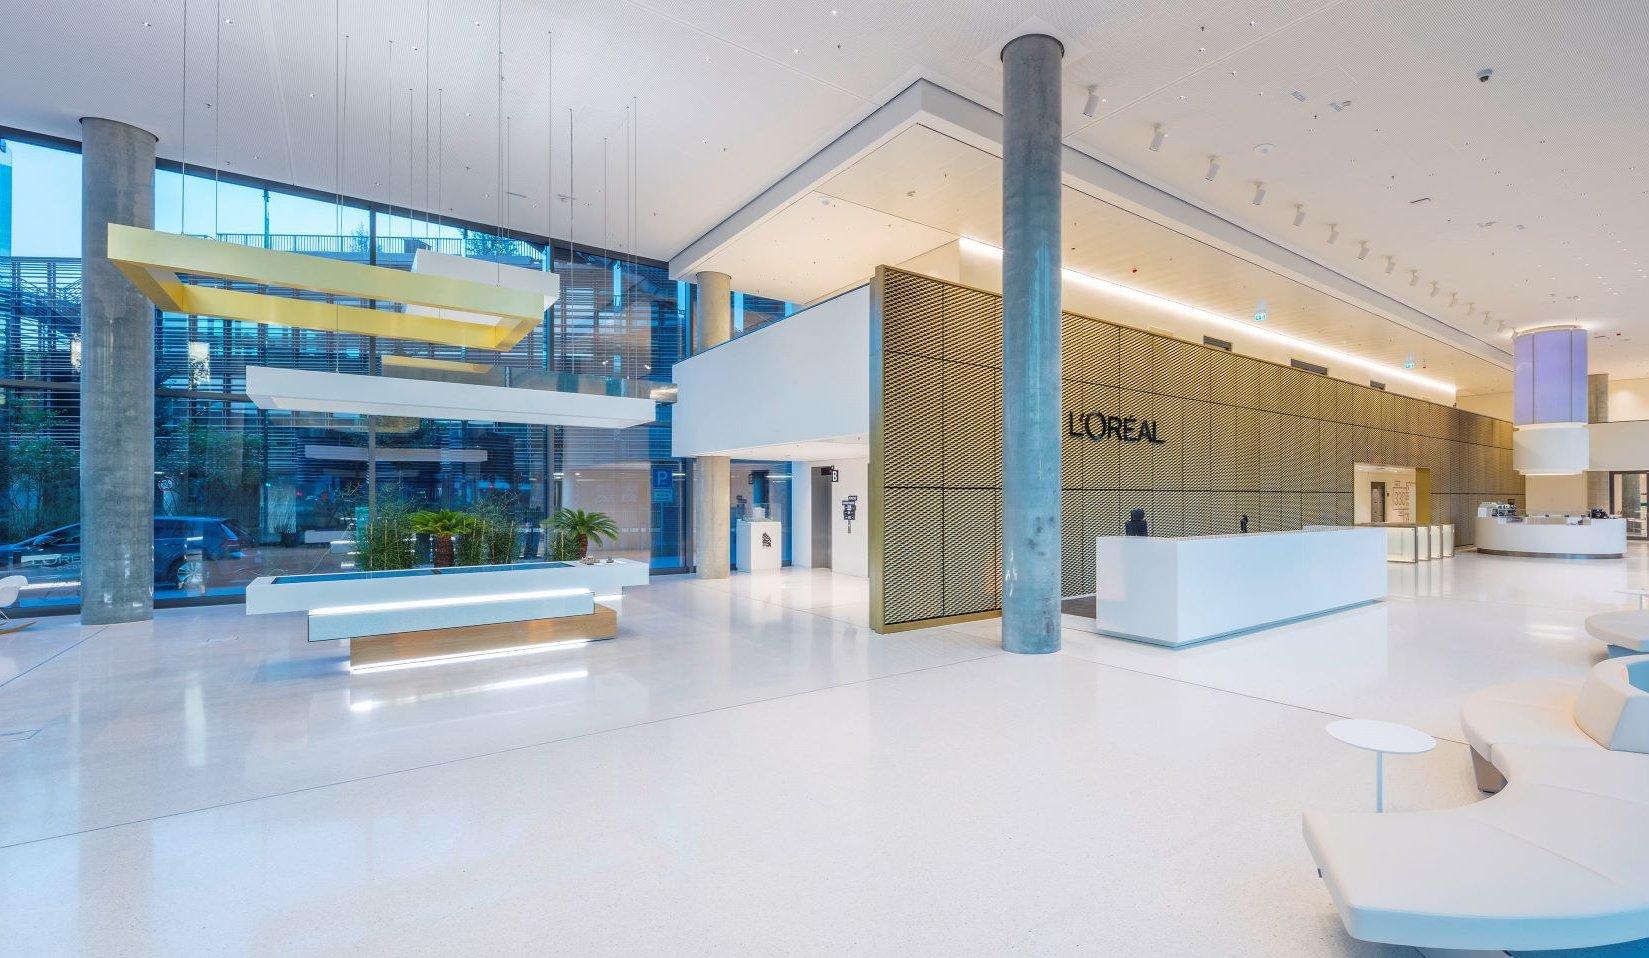 """Mit seiner neuen Deutschlandzentrale """"Horizon"""", geplant von HPP Architekten, präsentiert sich L'Oréal selbstbewusst am Düsseldorfer Kennedydamm. Bild: HPP Architekten / Ralph Richter"""